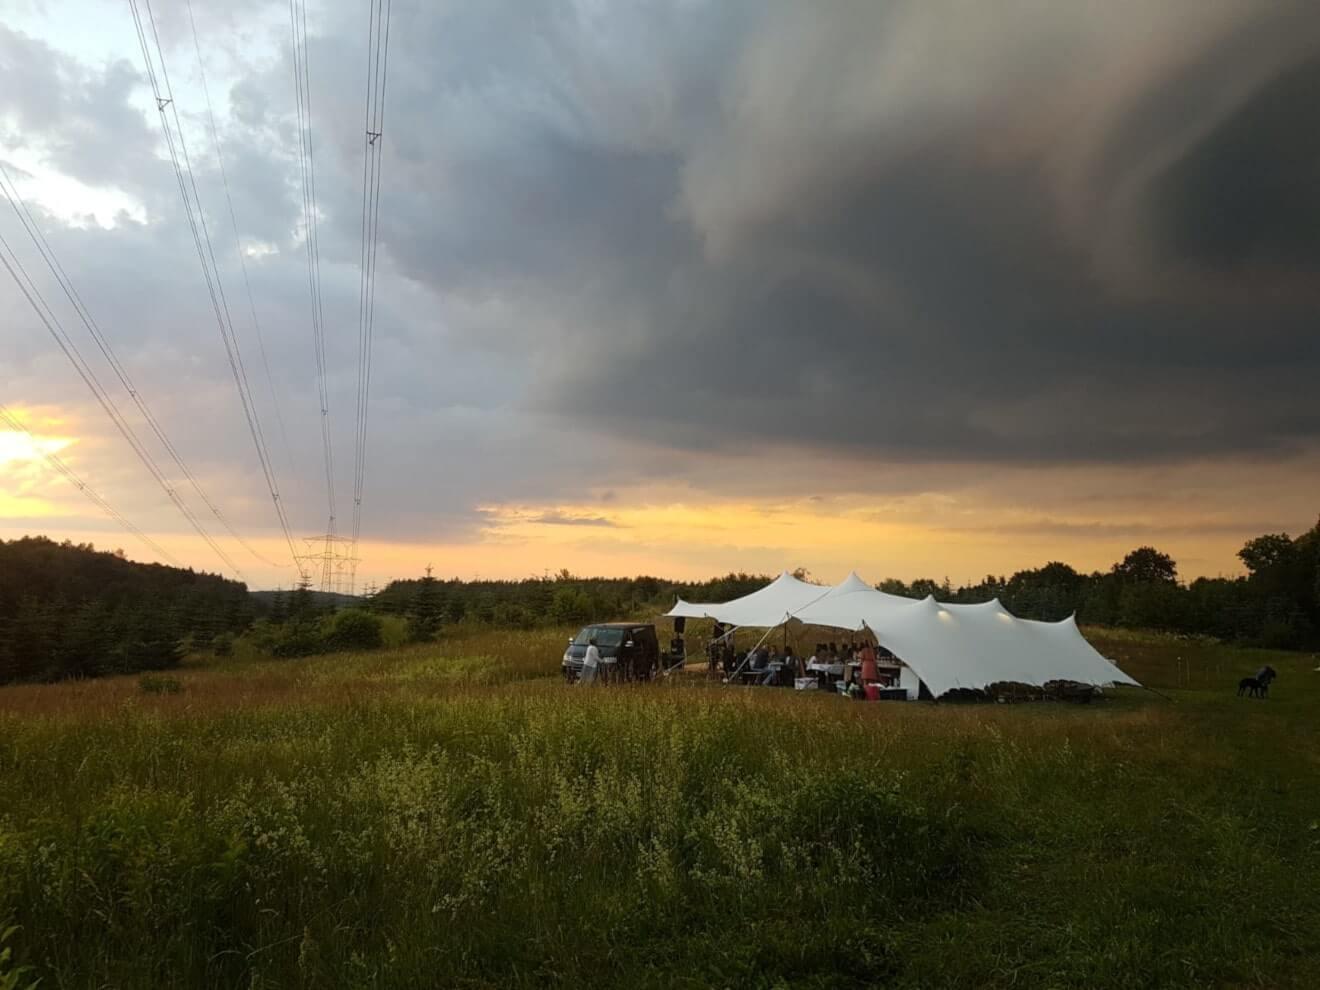 namiot sterech na evencie w plenerze na łące